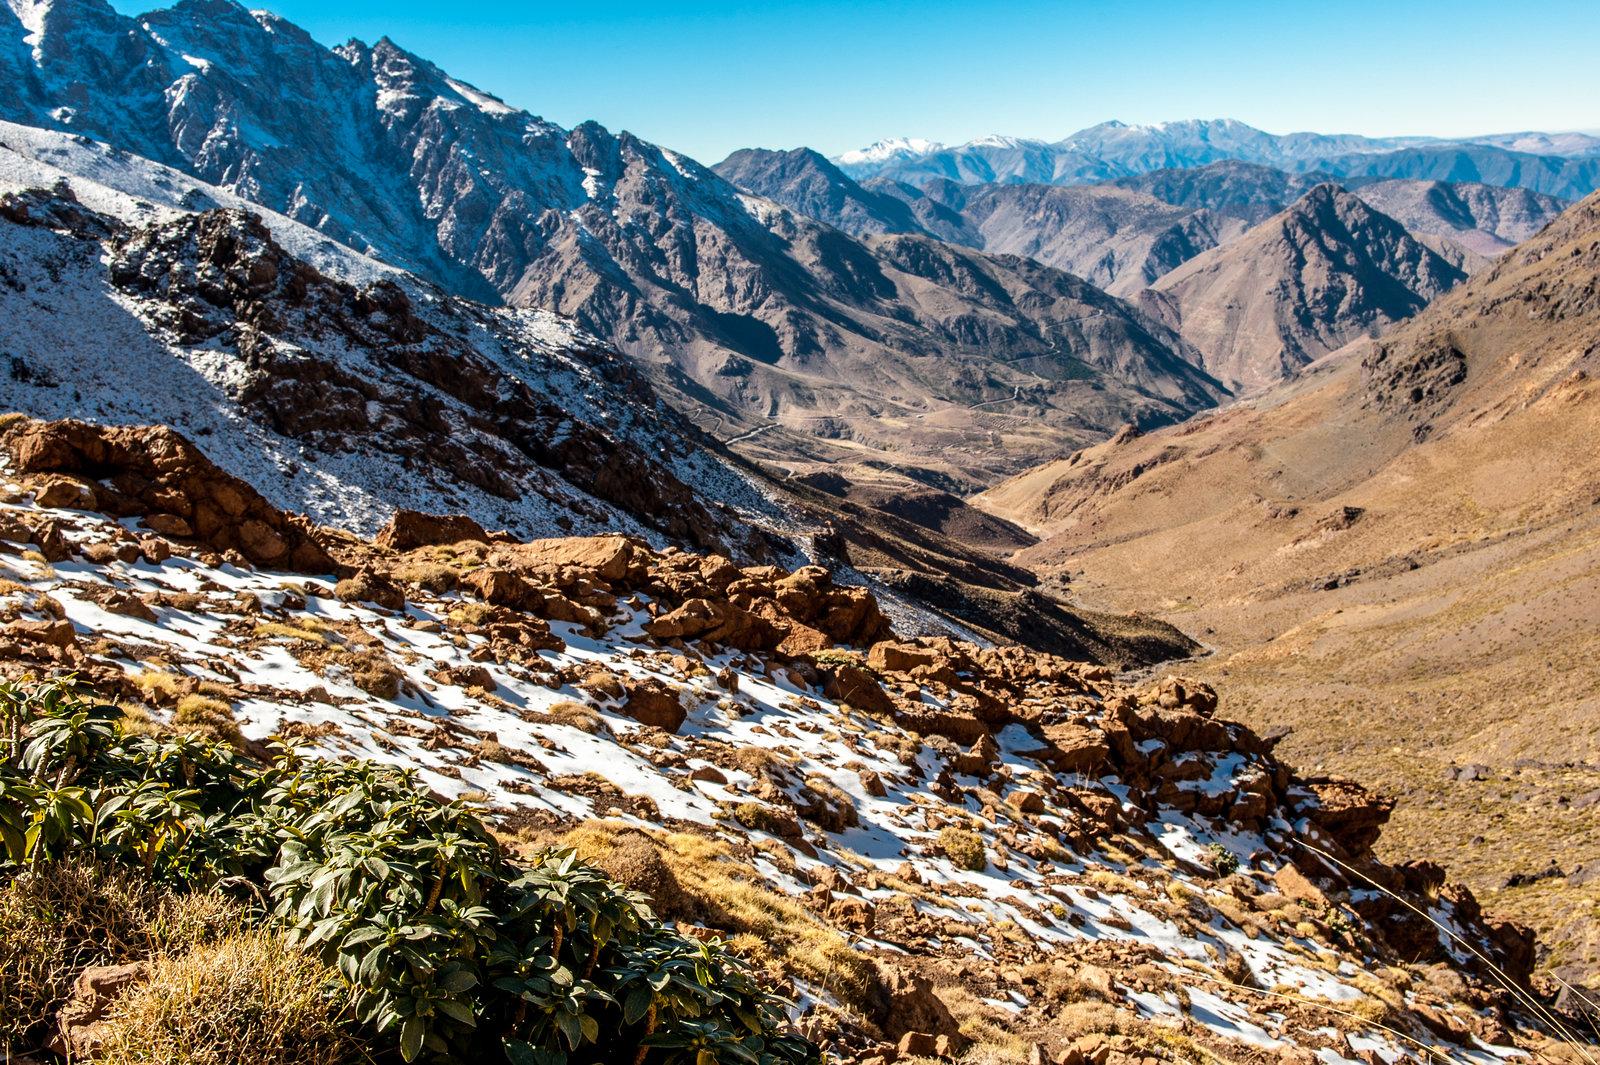 maroko-antyatlas-trekking-marrakesz-11